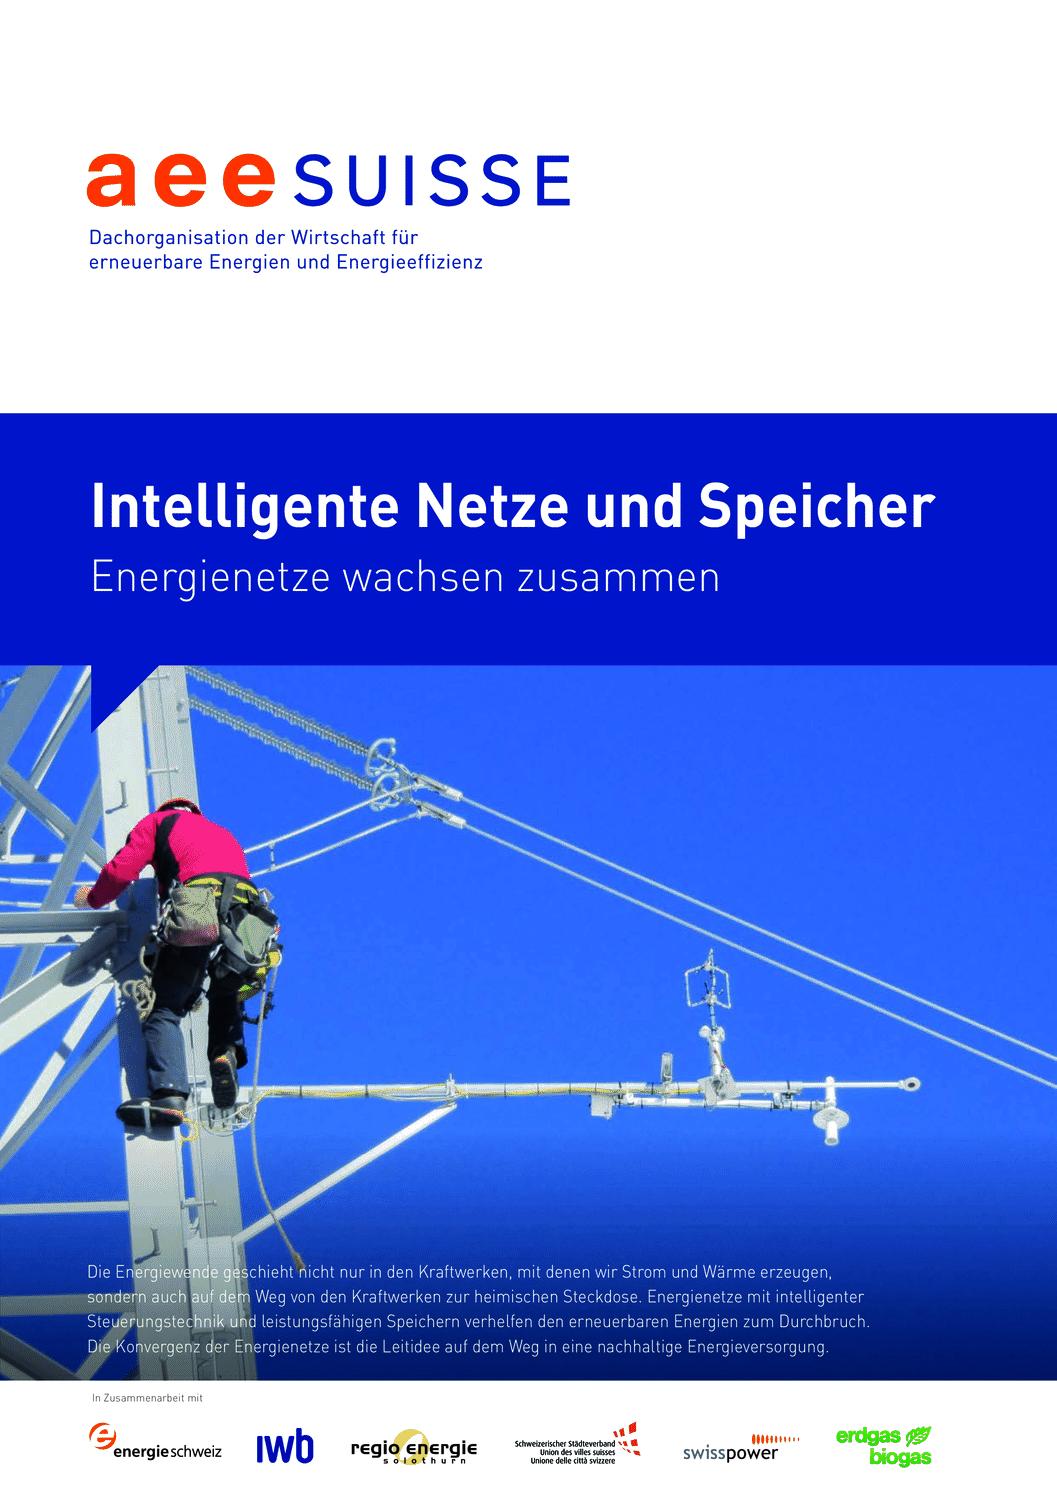 aee suisse Netze Und Speicher